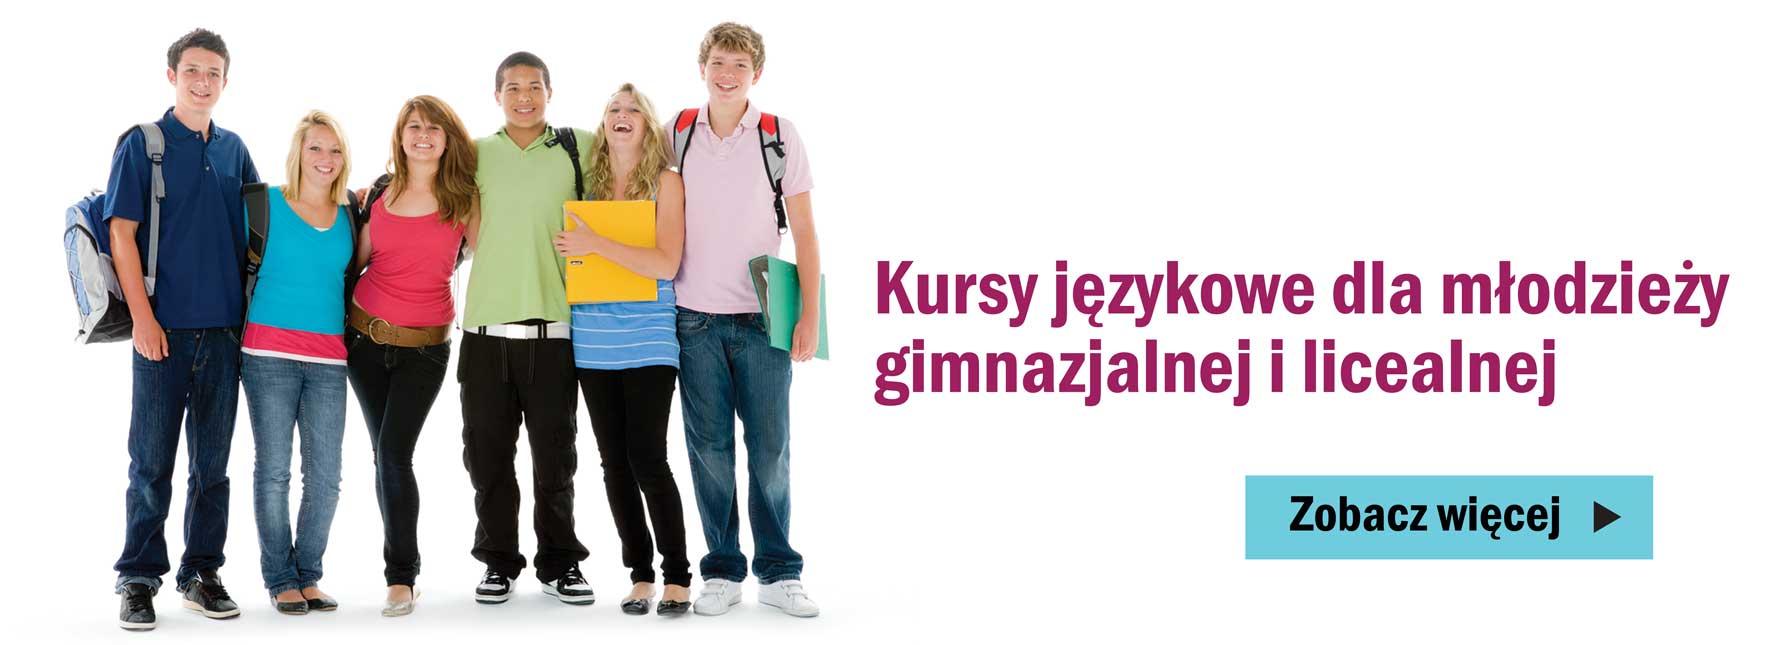 kursy językowe dla młodziezy gimnazjalnej i licealnej